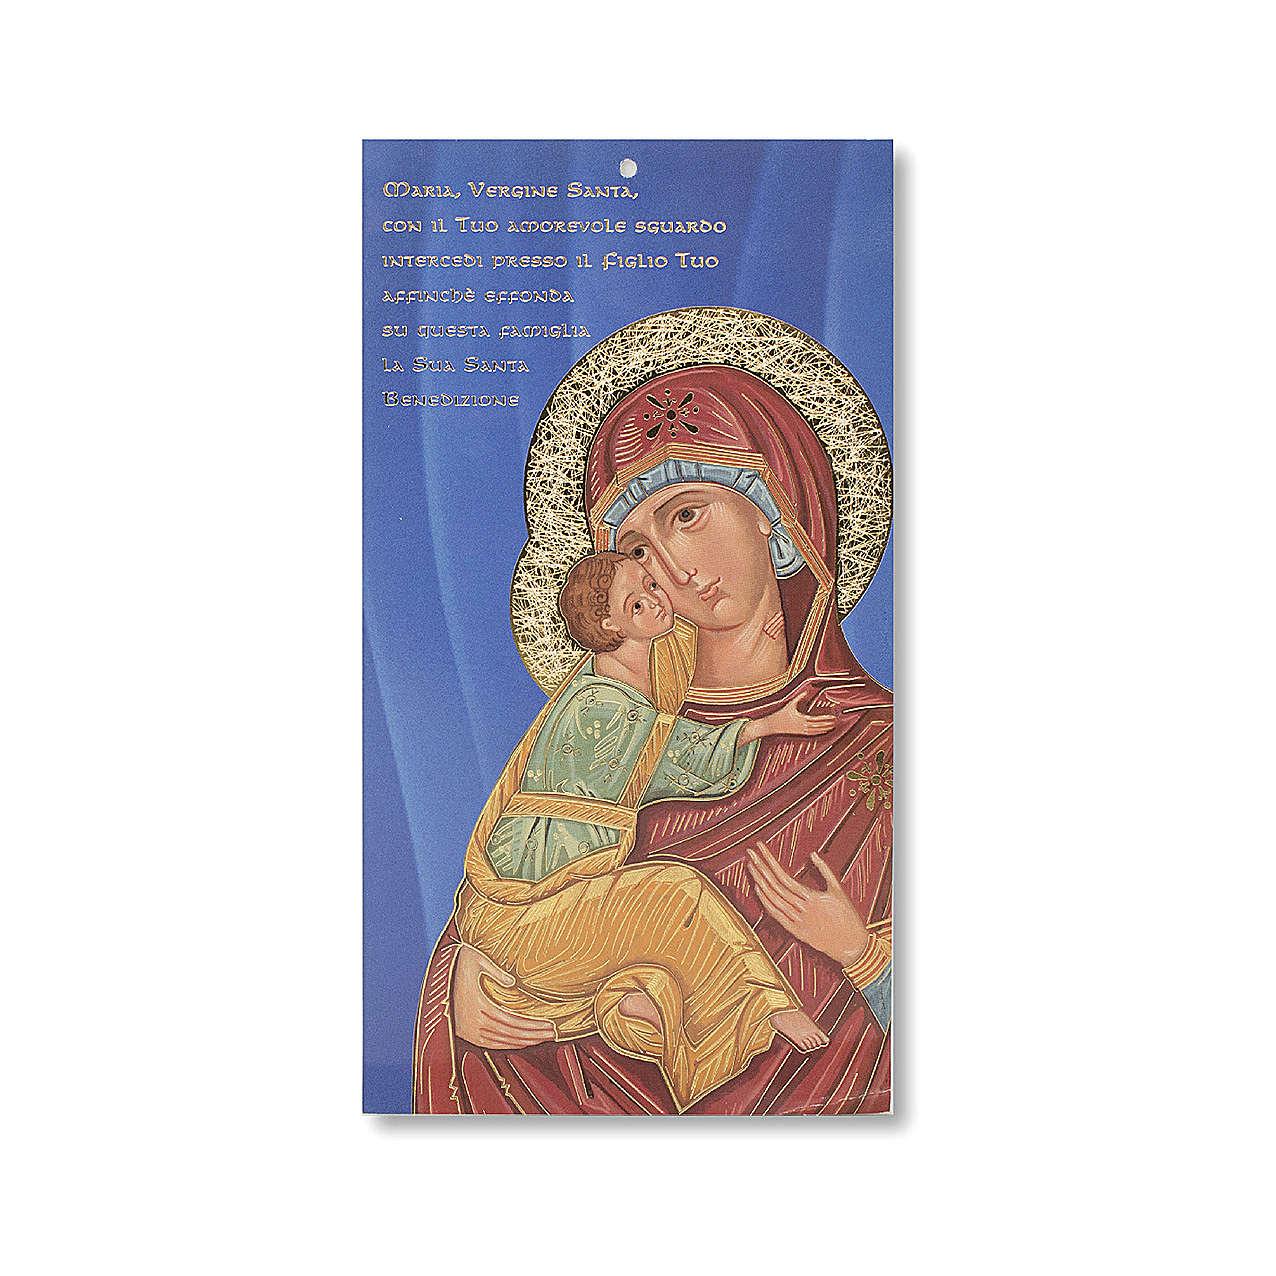 Błogosławieństwo wielkanocne Kartonik Ikona Czuła Madonna IT 3